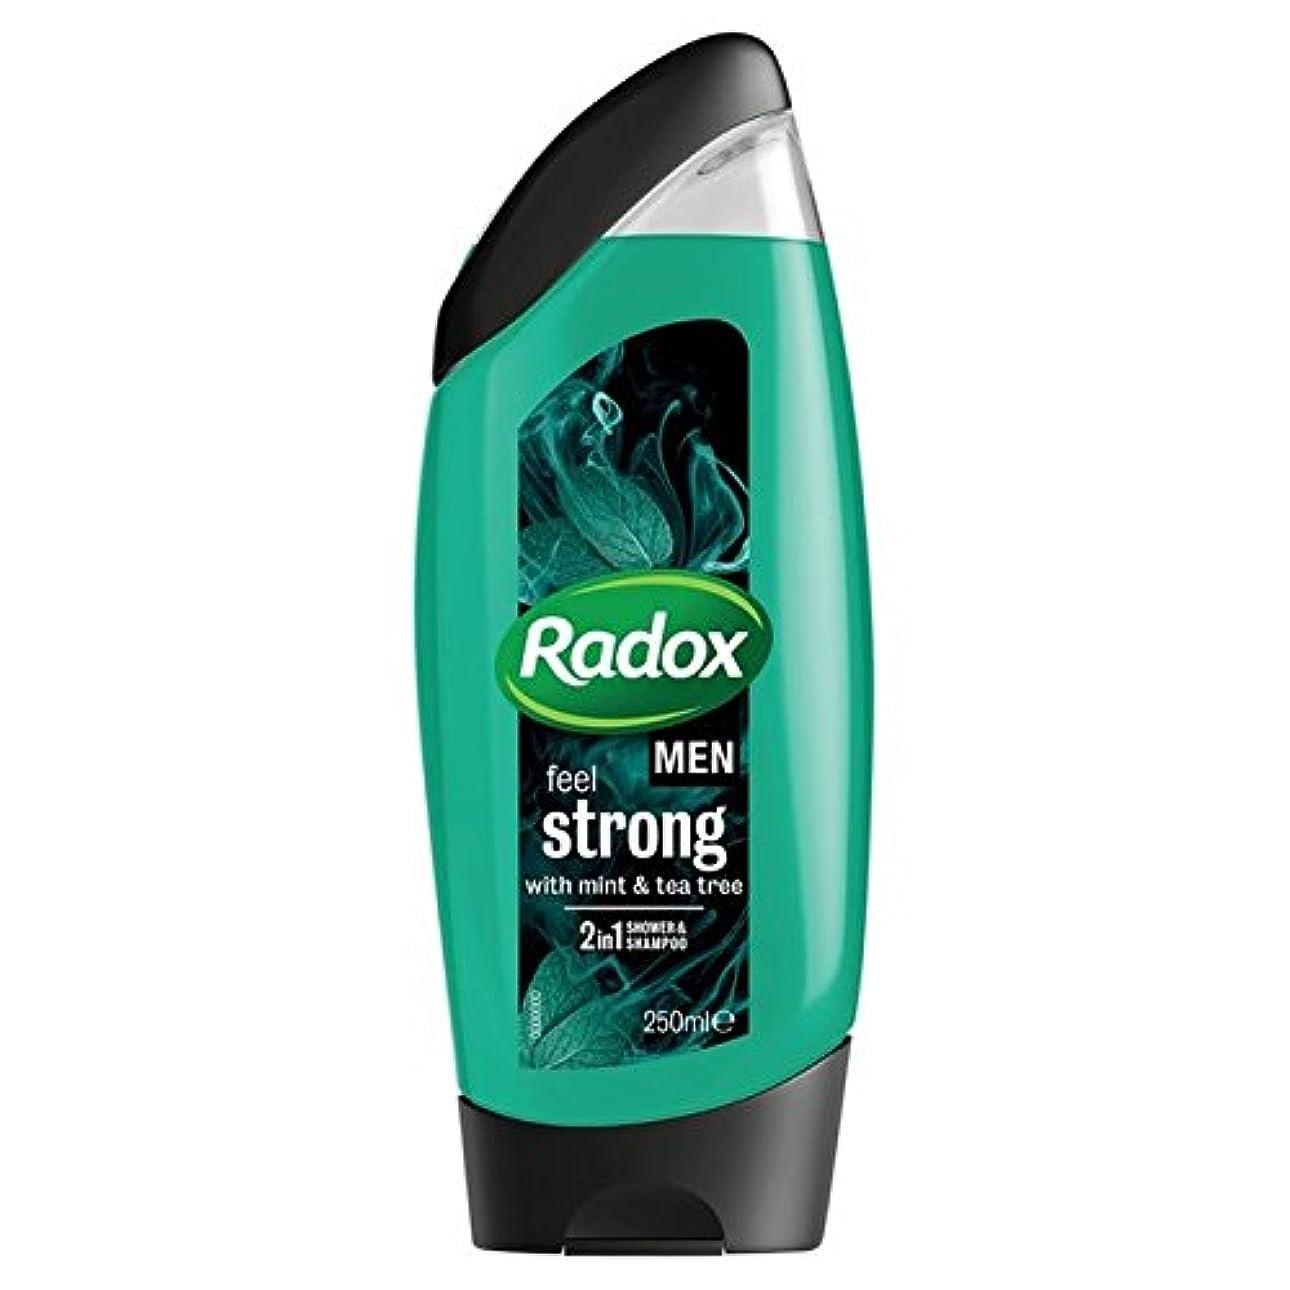 人類と組むコンパクト男性は、強力なミント&ティーツリーの21のシャワージェル250ミリリットルを感じます x2 - Radox Men Feel Strong Mint & Tea Tree 2in1 Shower Gel 250ml (Pack...